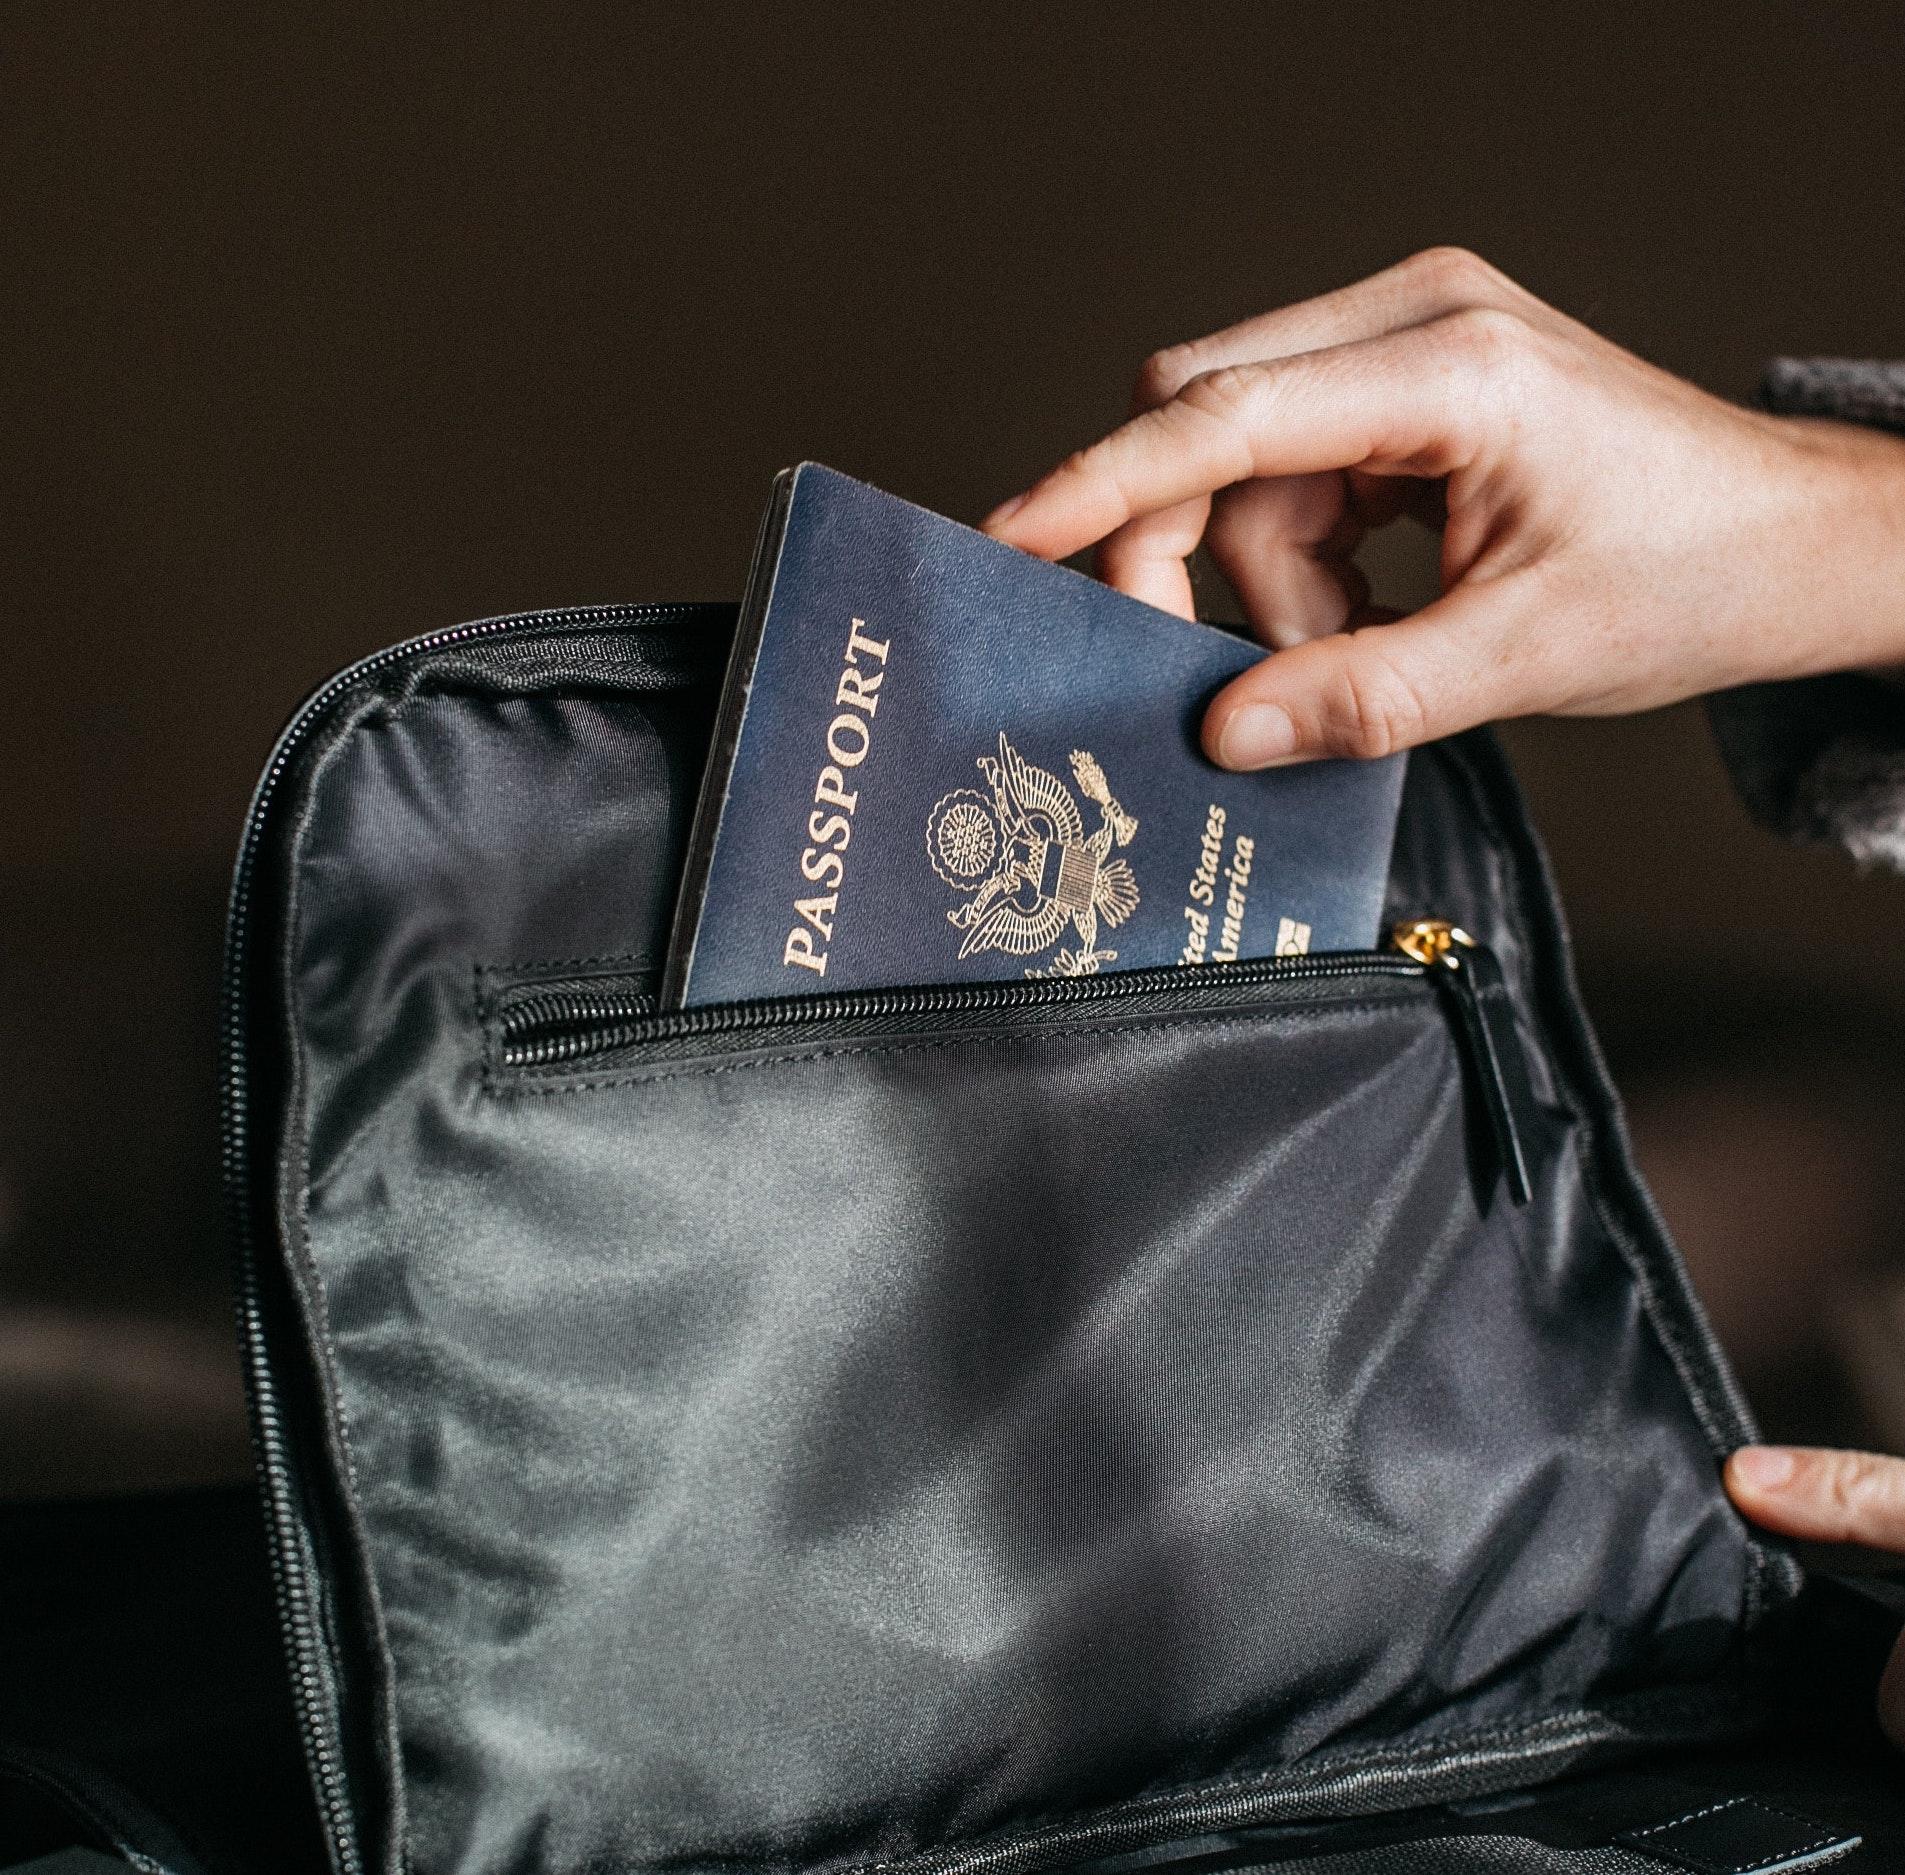 bag-hand-holding-842961.jpg